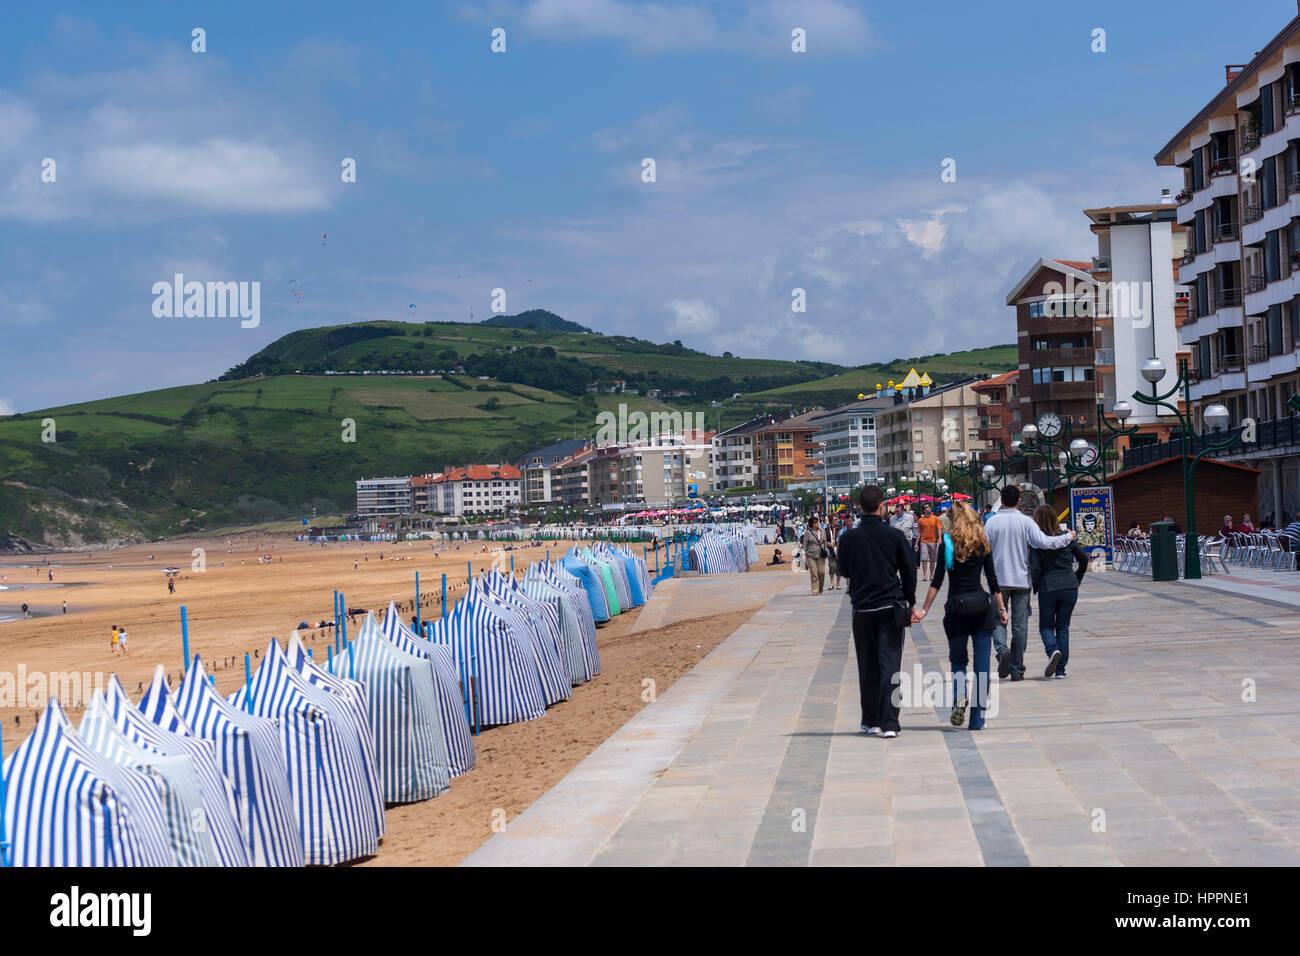 Paseo con caba a en la playa toldos en playa de zarautz gipuzkoa espa a foto imagen de - Toldos para la playa ...